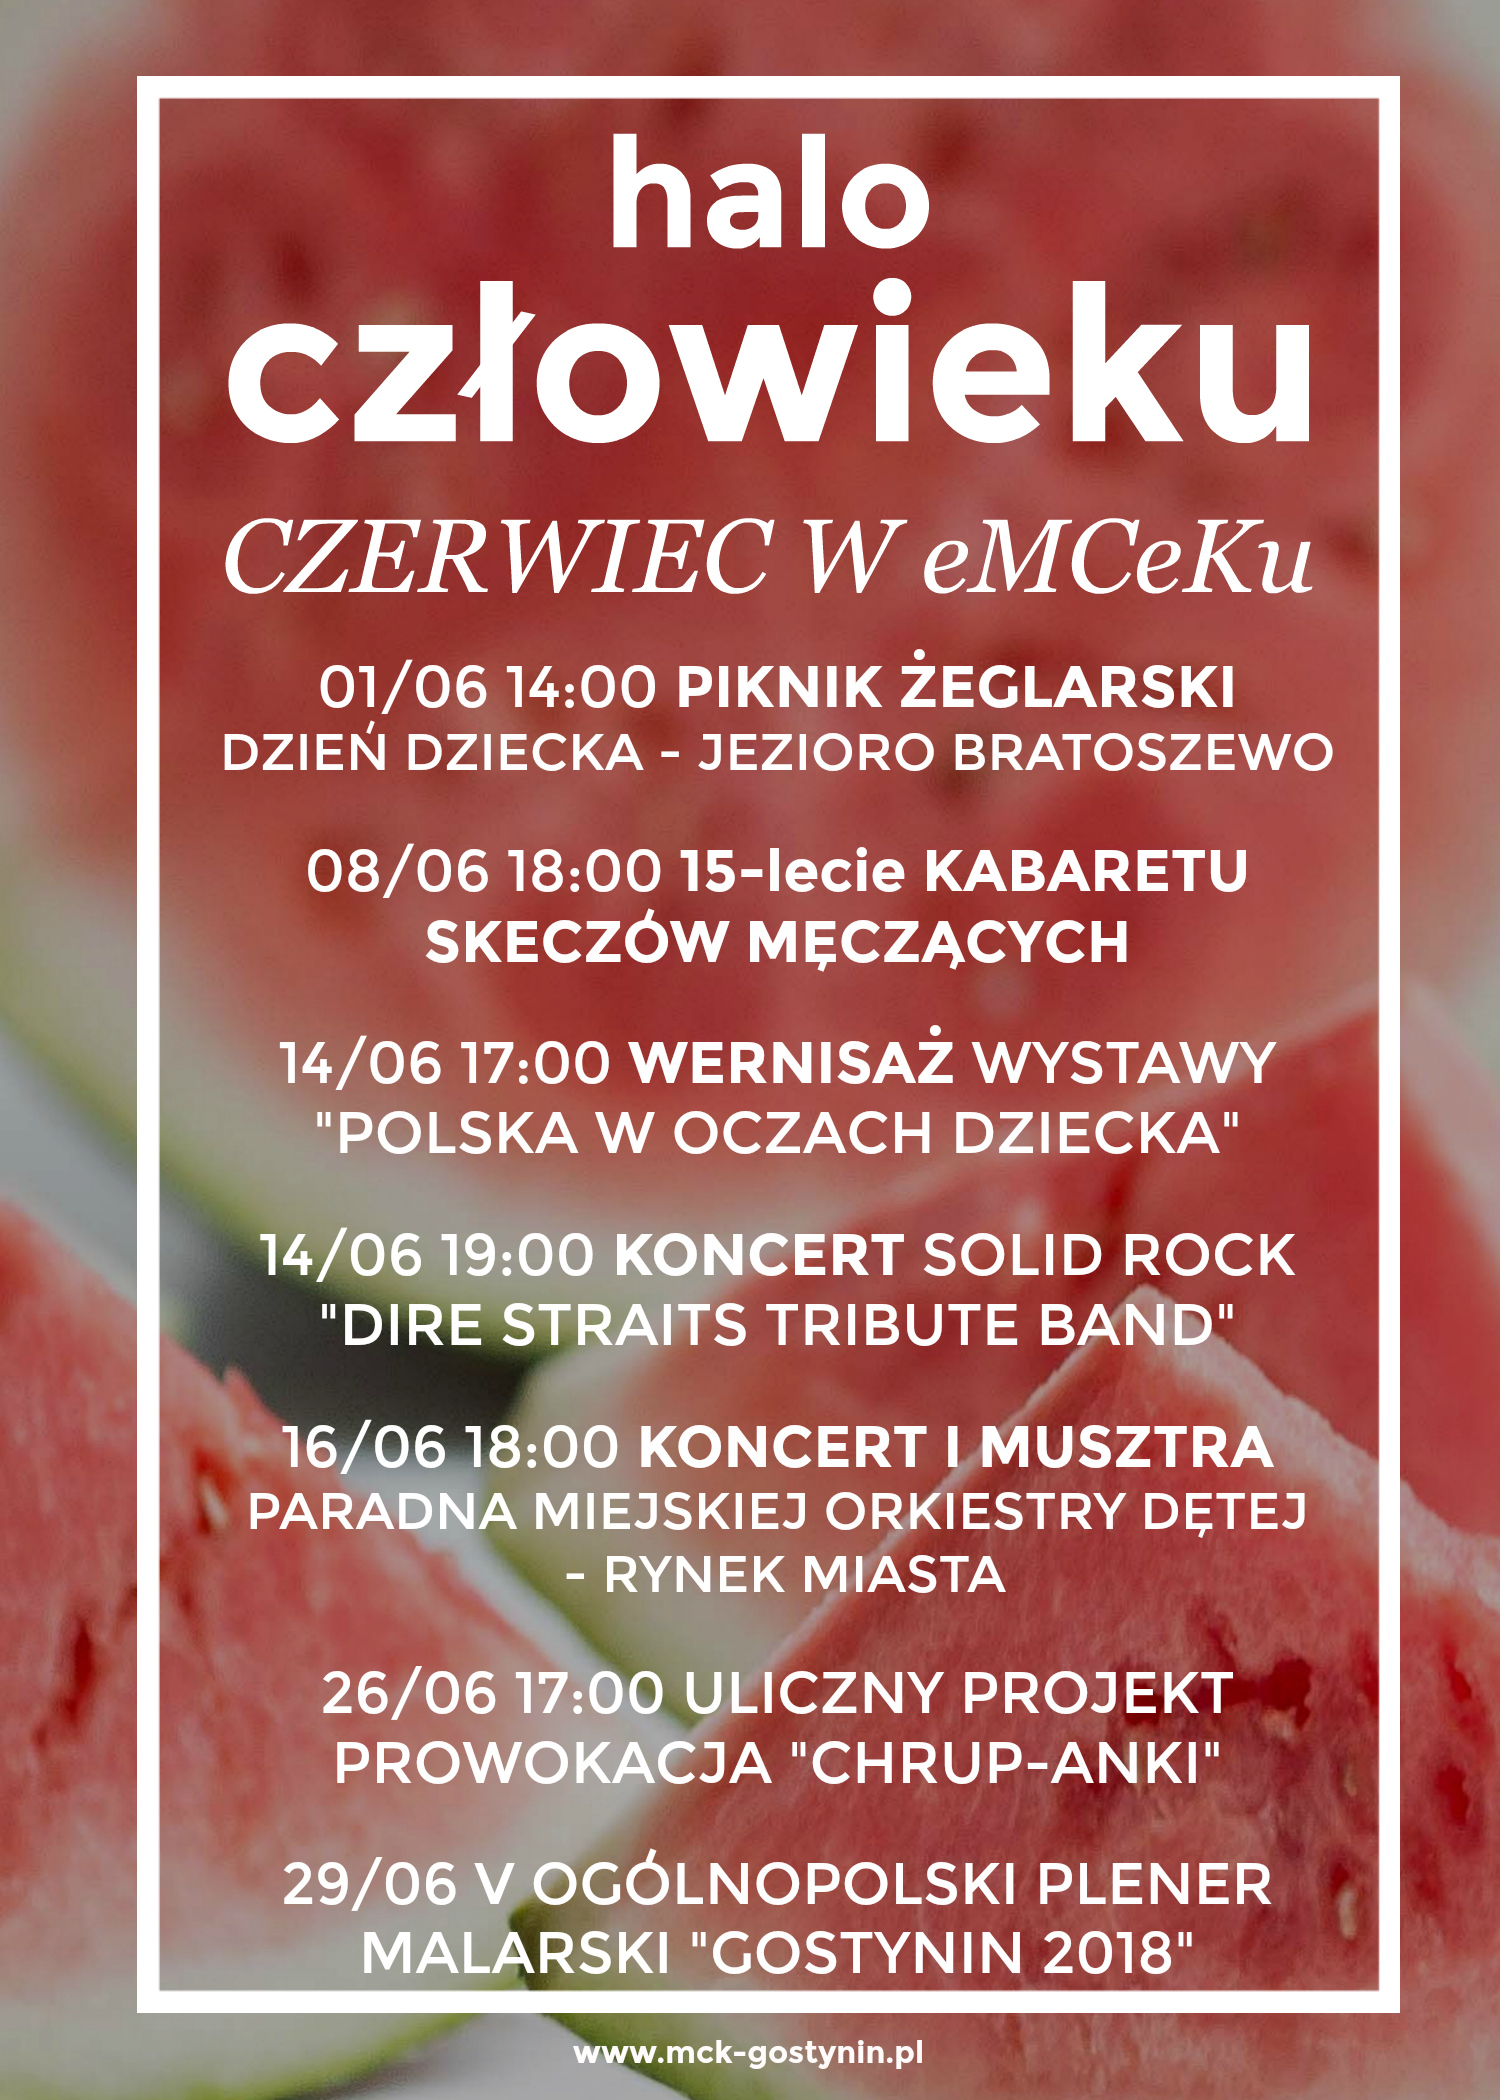 CZERWIEC W eMCeKu